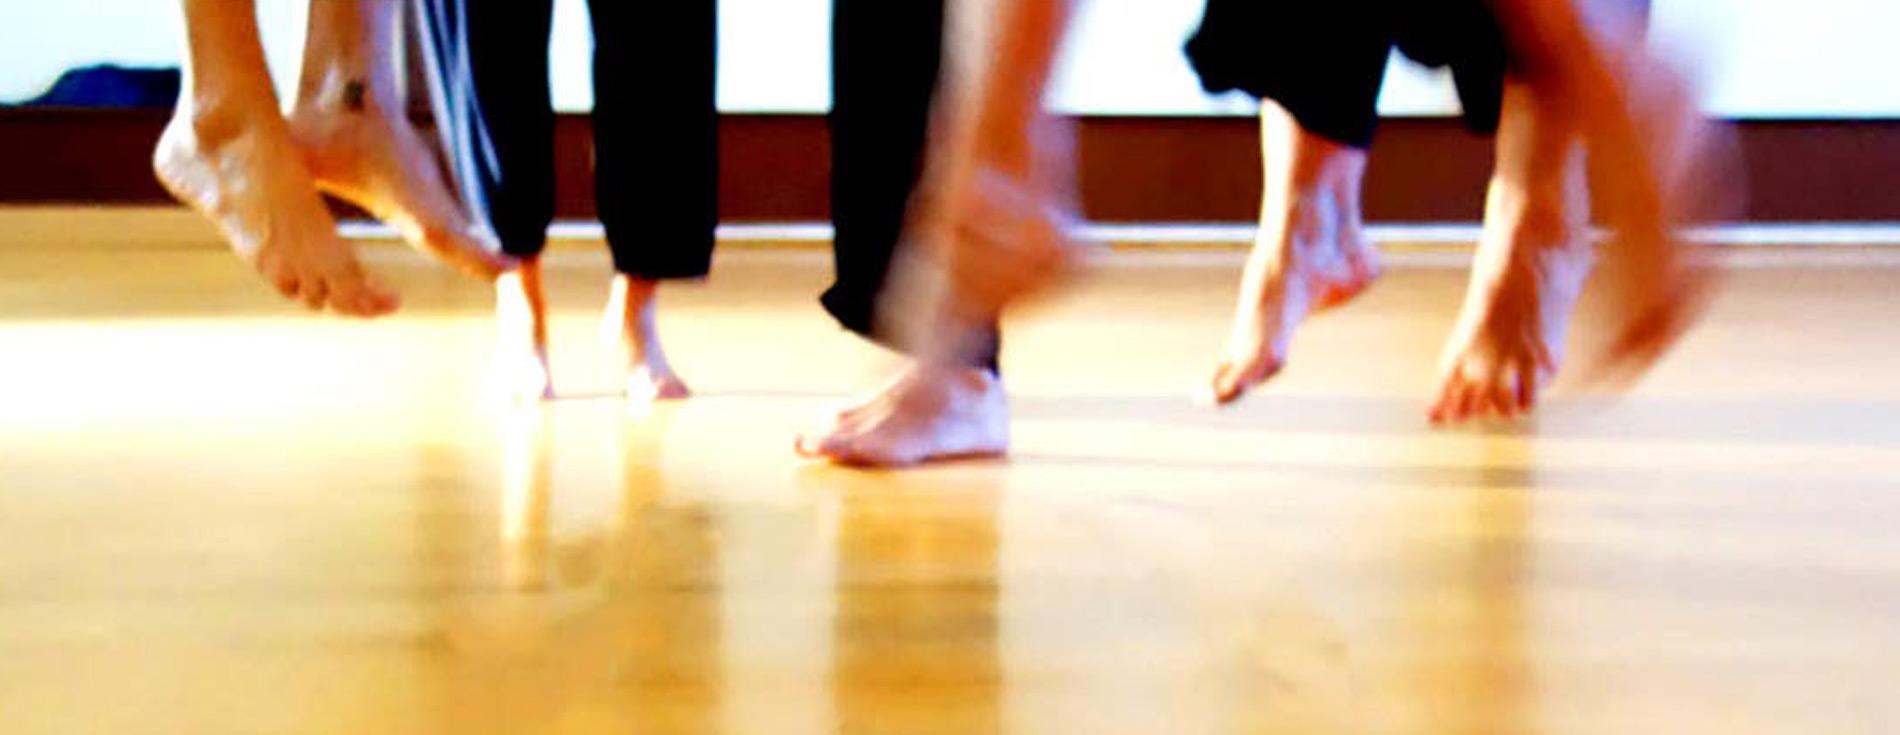 1-ML-slider-dance2.jpg